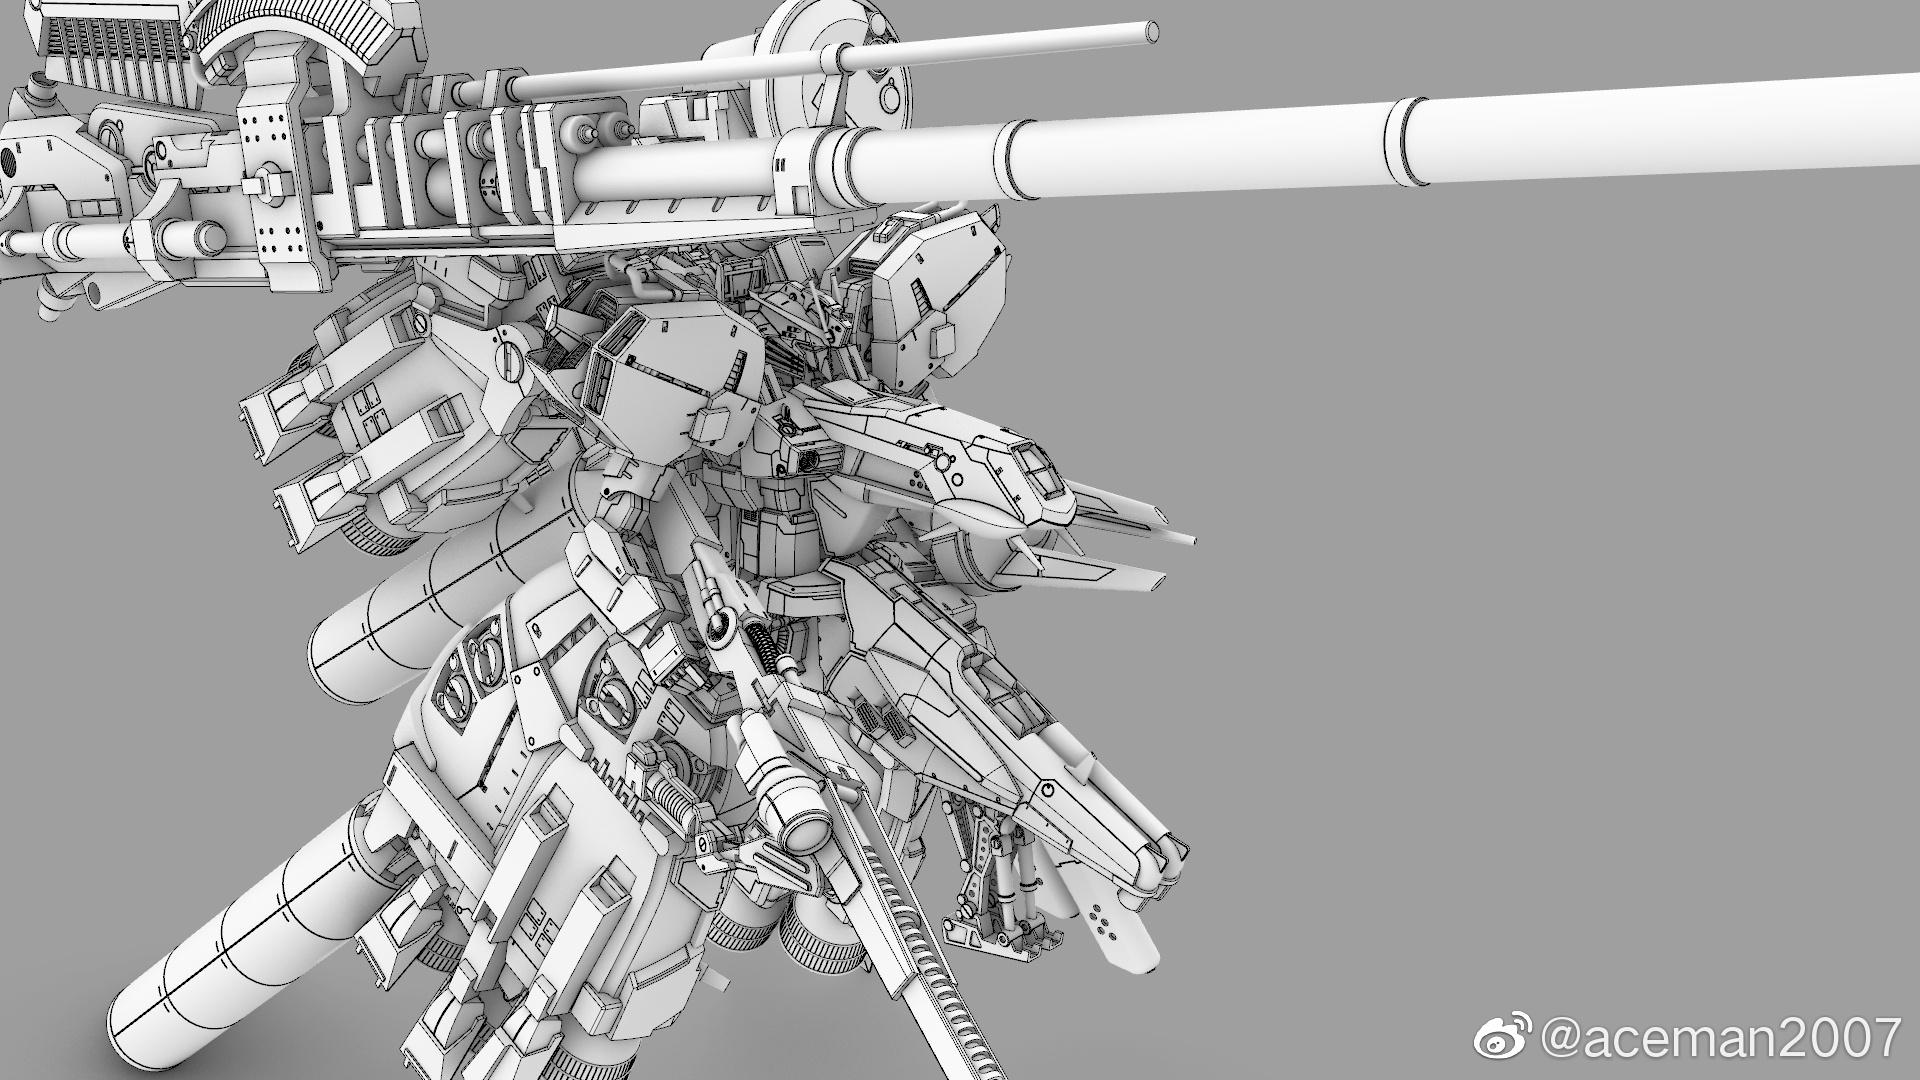 G846_Extreme_Squad_144_PLAN_303E_DEEP_STRIKER_full_GK_007.jpg